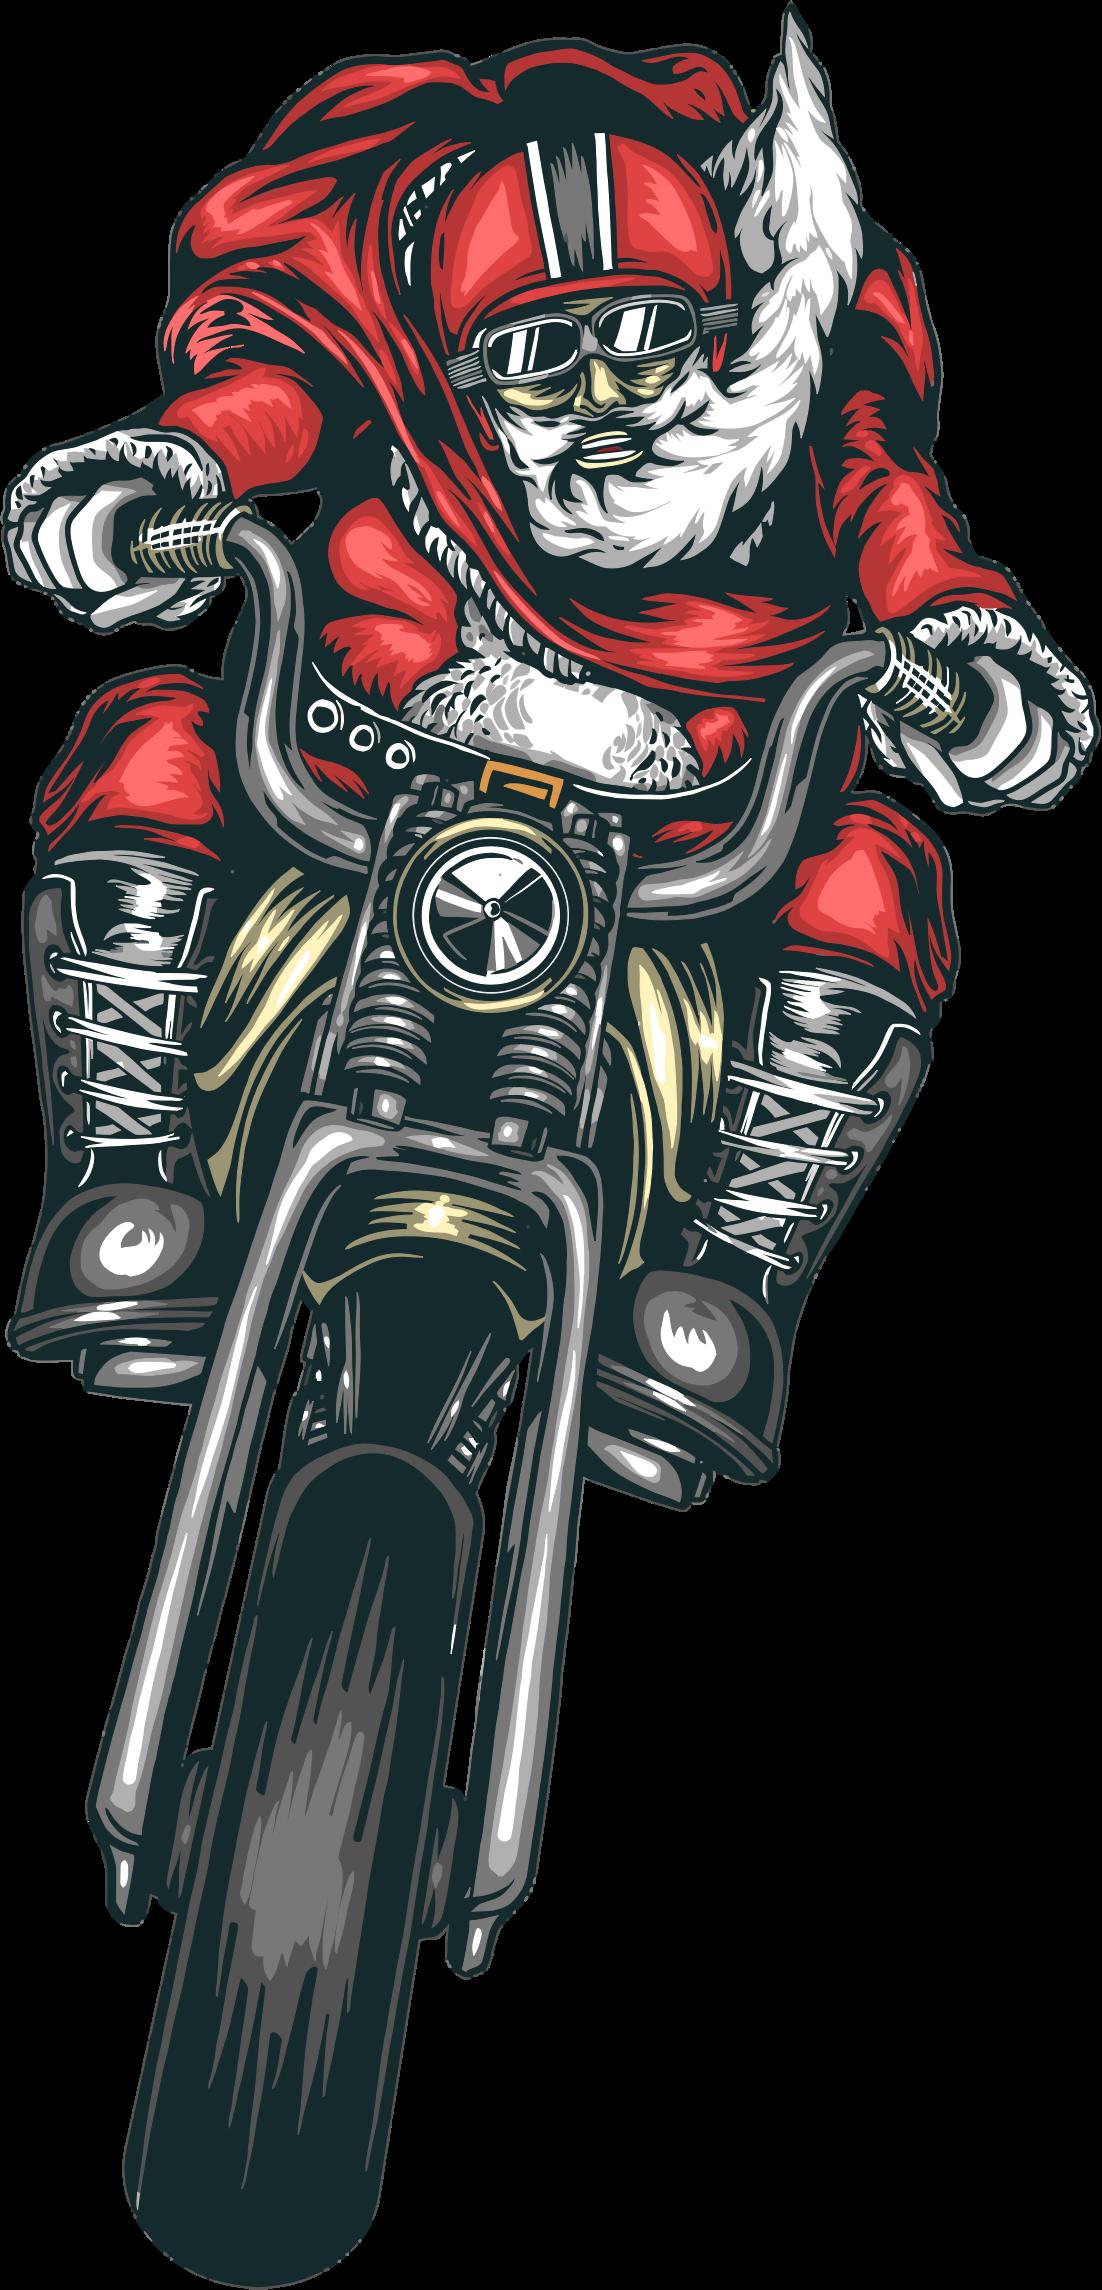 Motorcycle clipart motorcycle drawing. Santa big image png